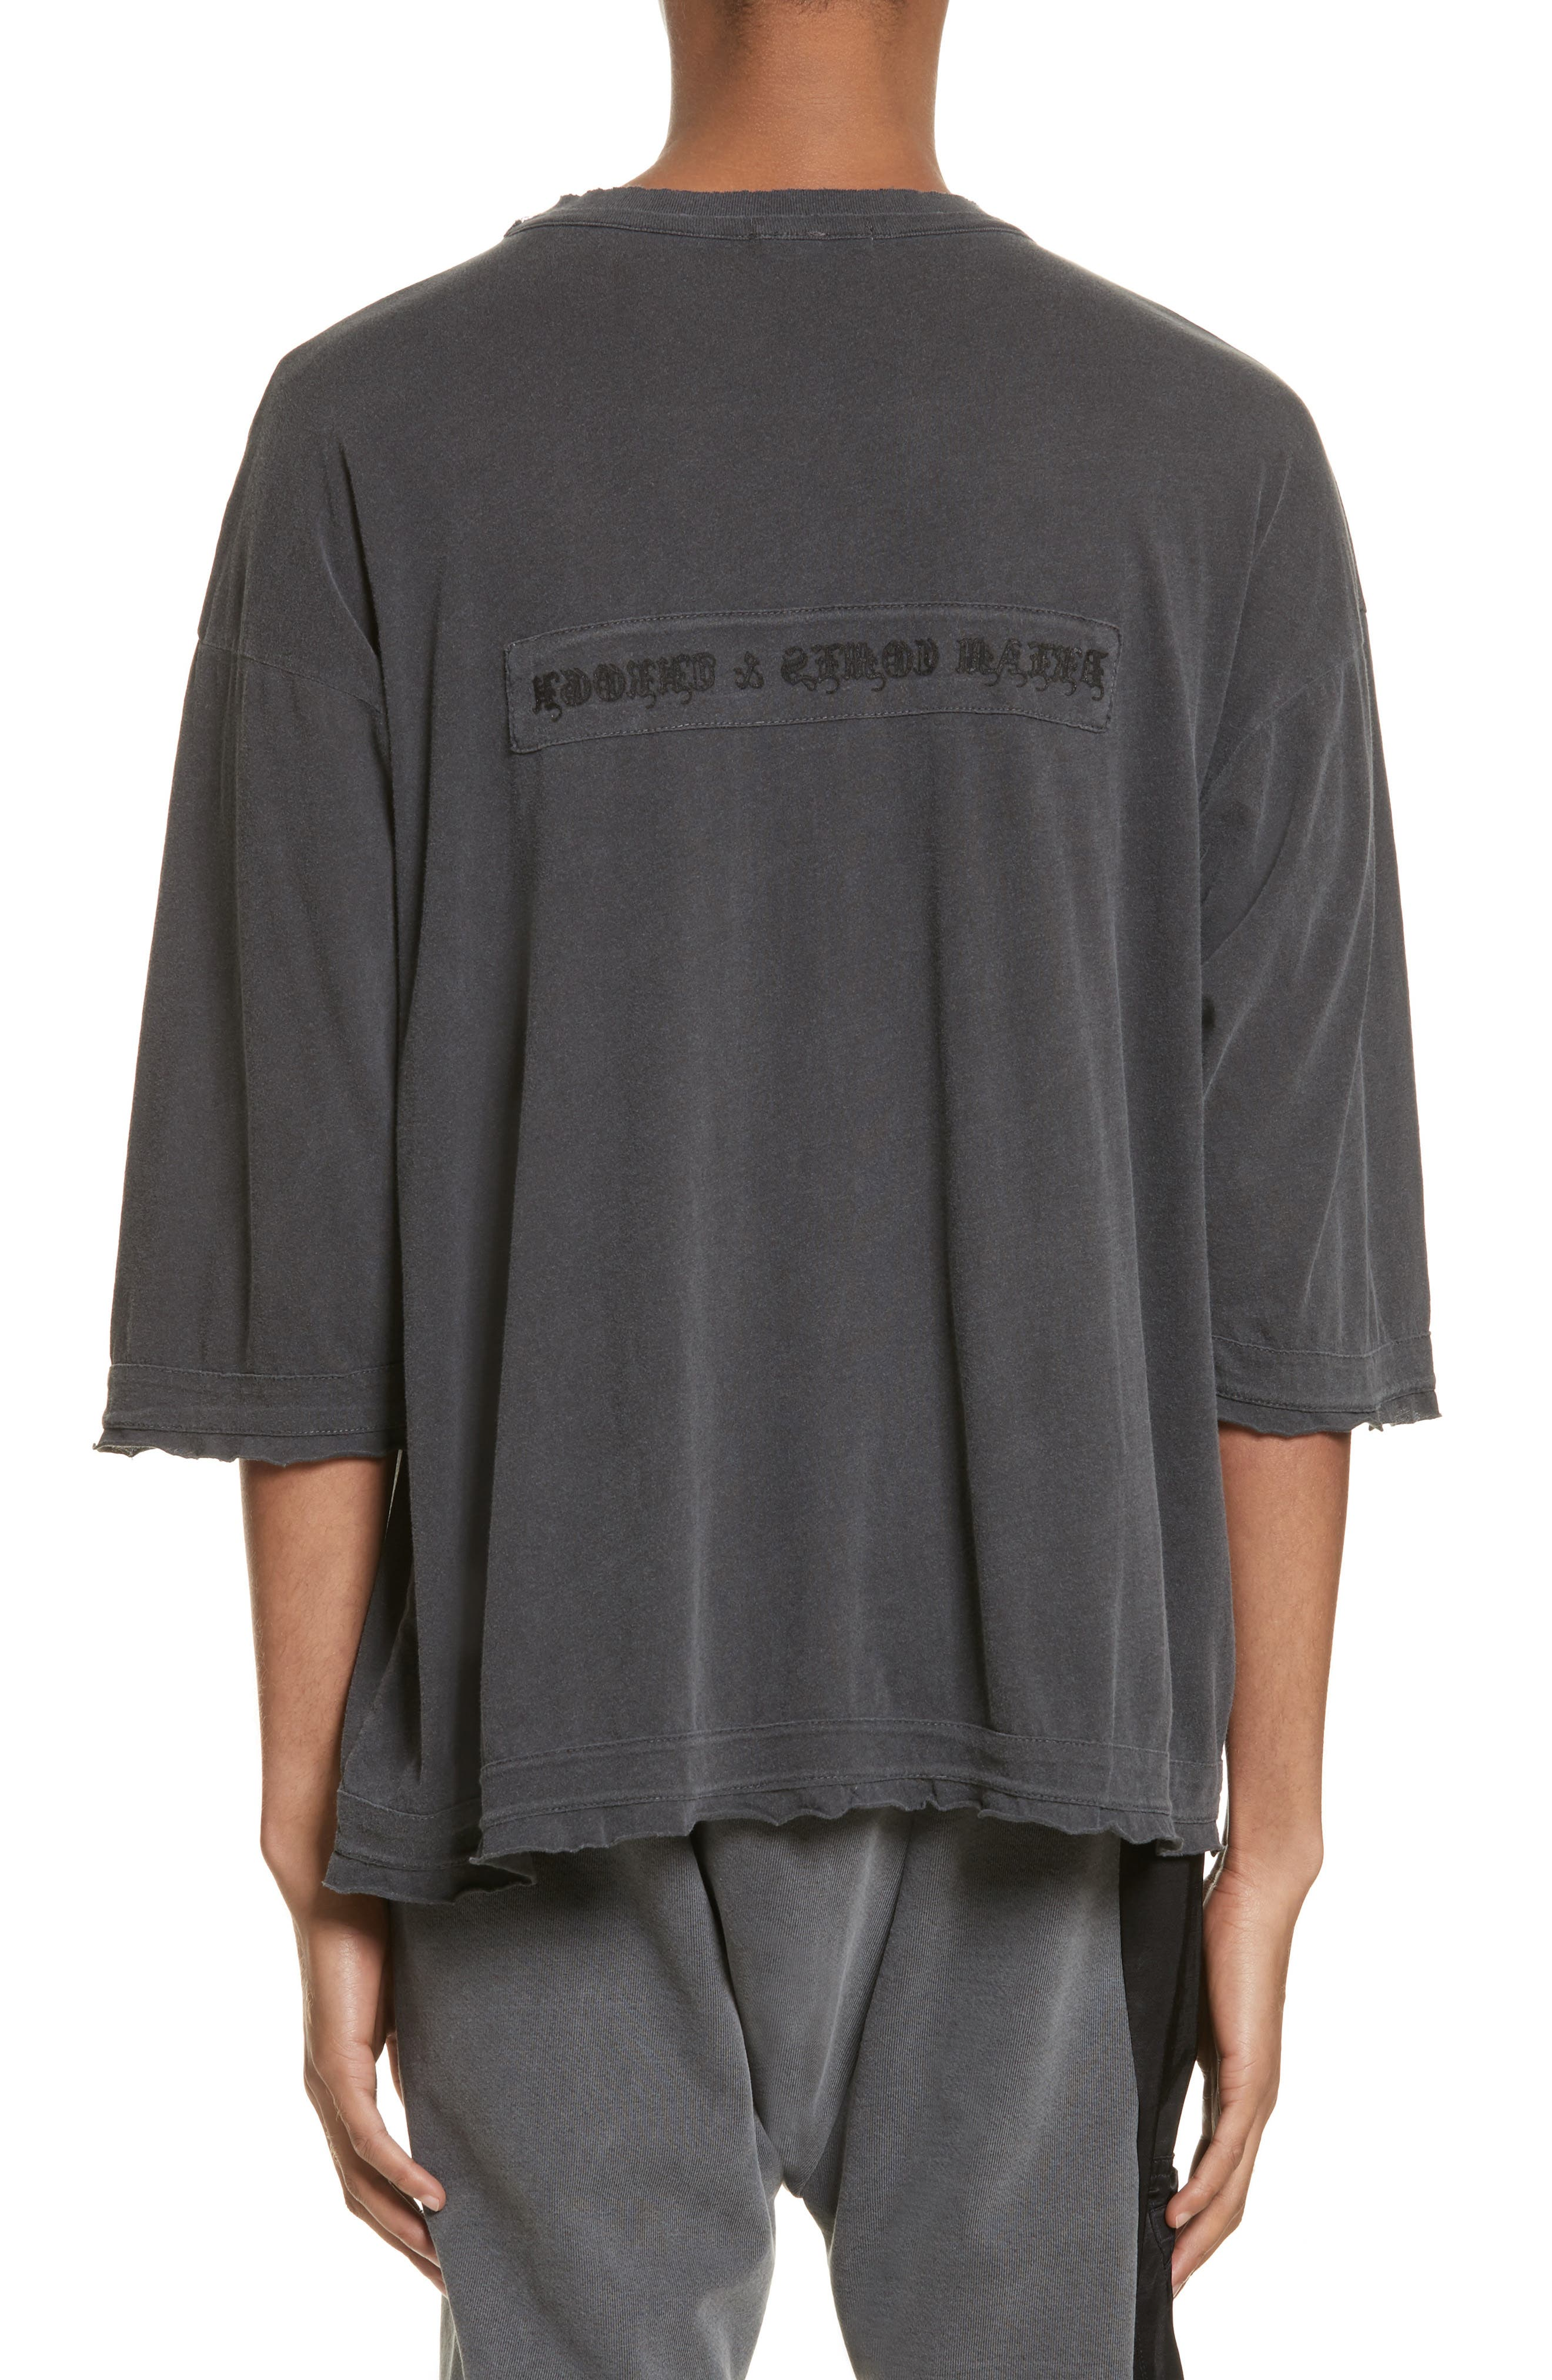 Eshu Oversize T-Shirt,                             Alternate thumbnail 2, color,                             001